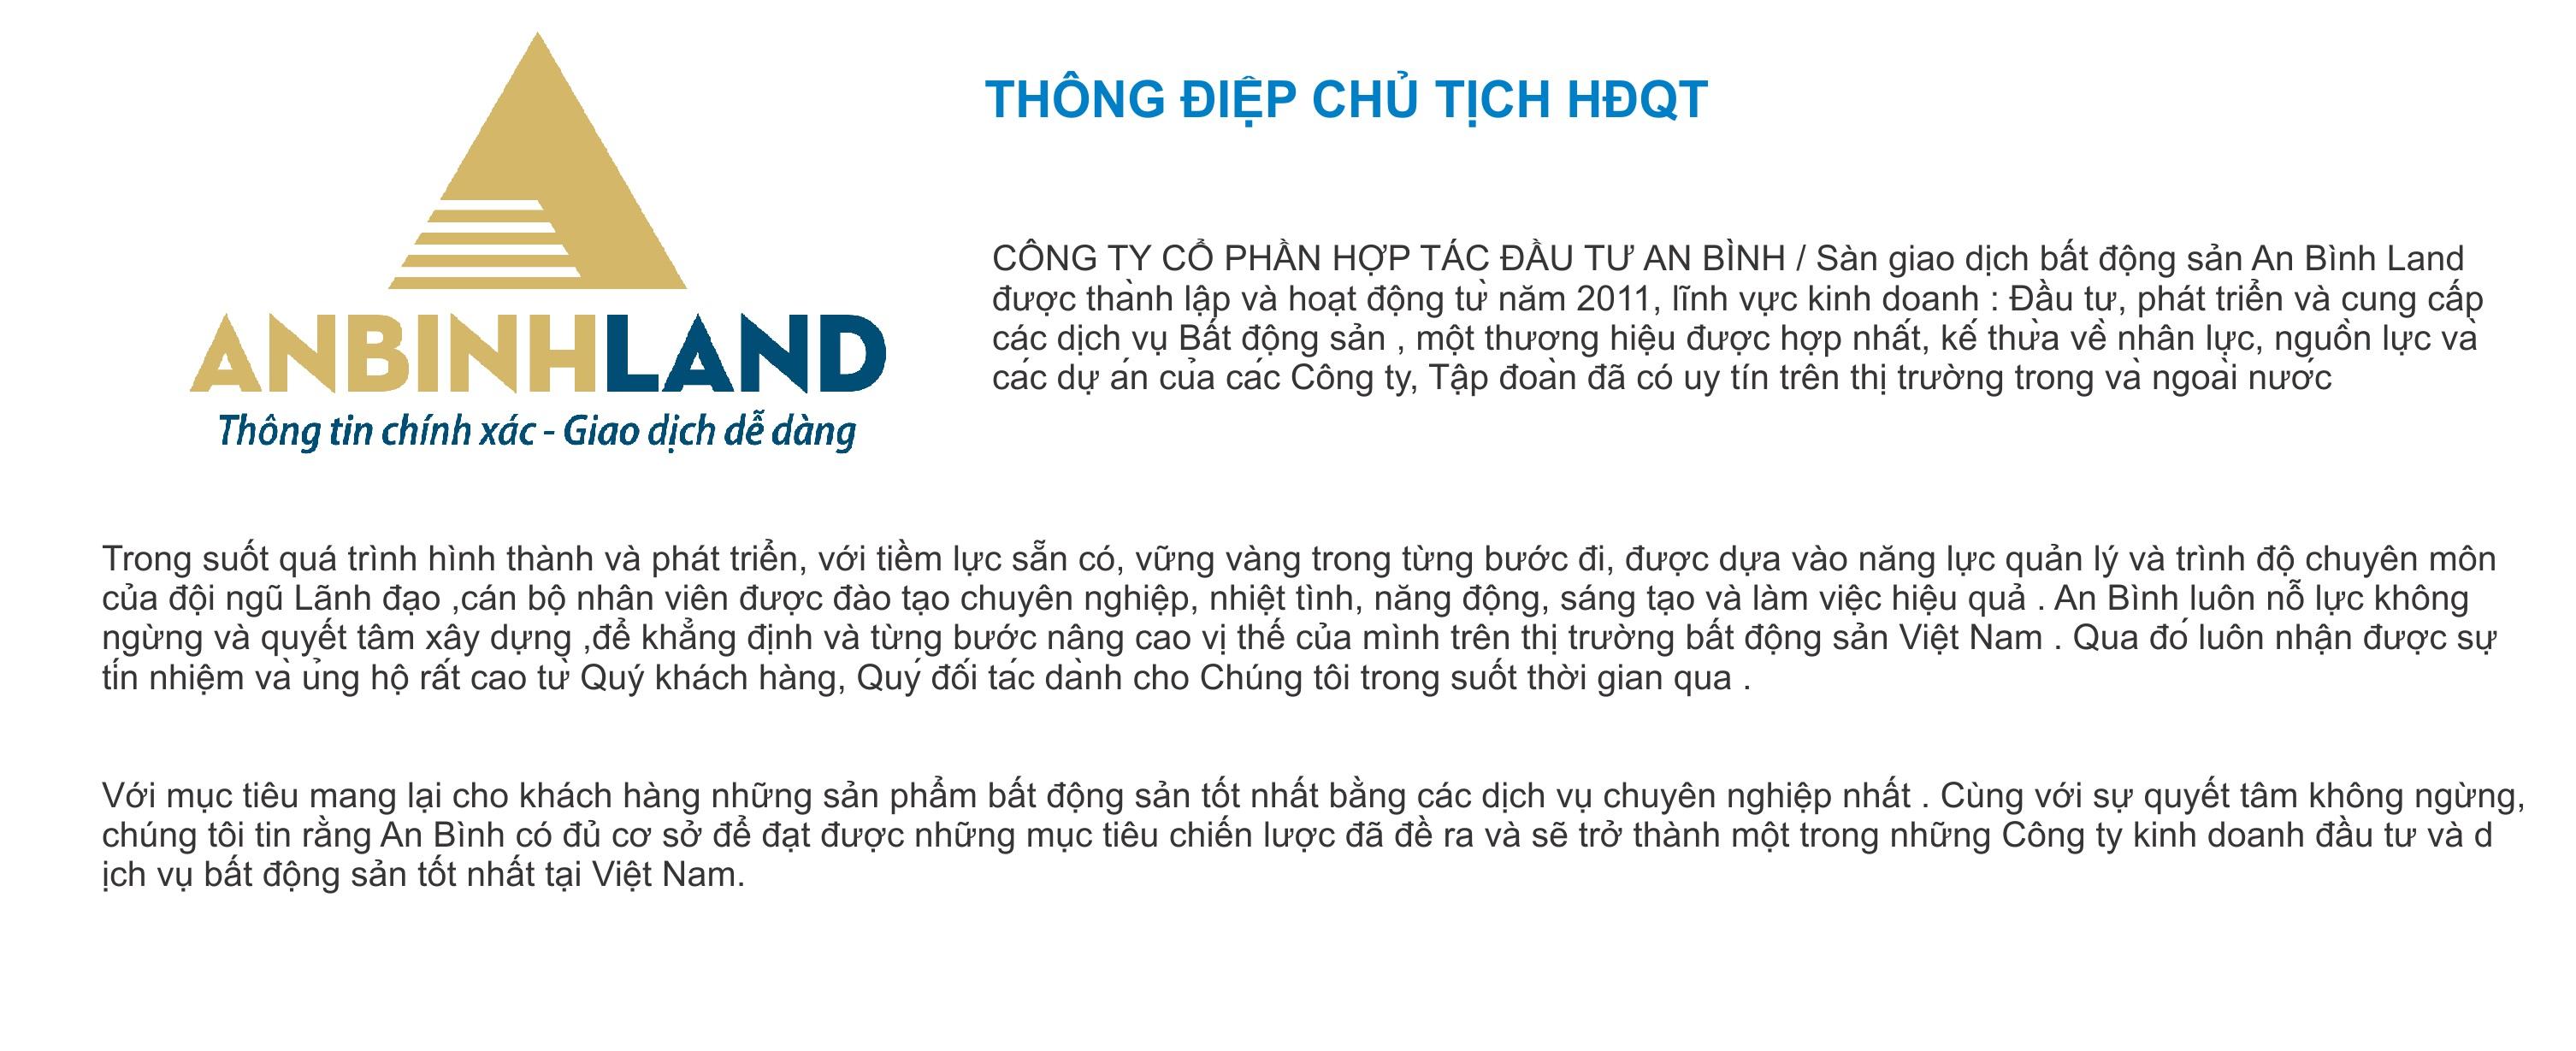 thong-diep